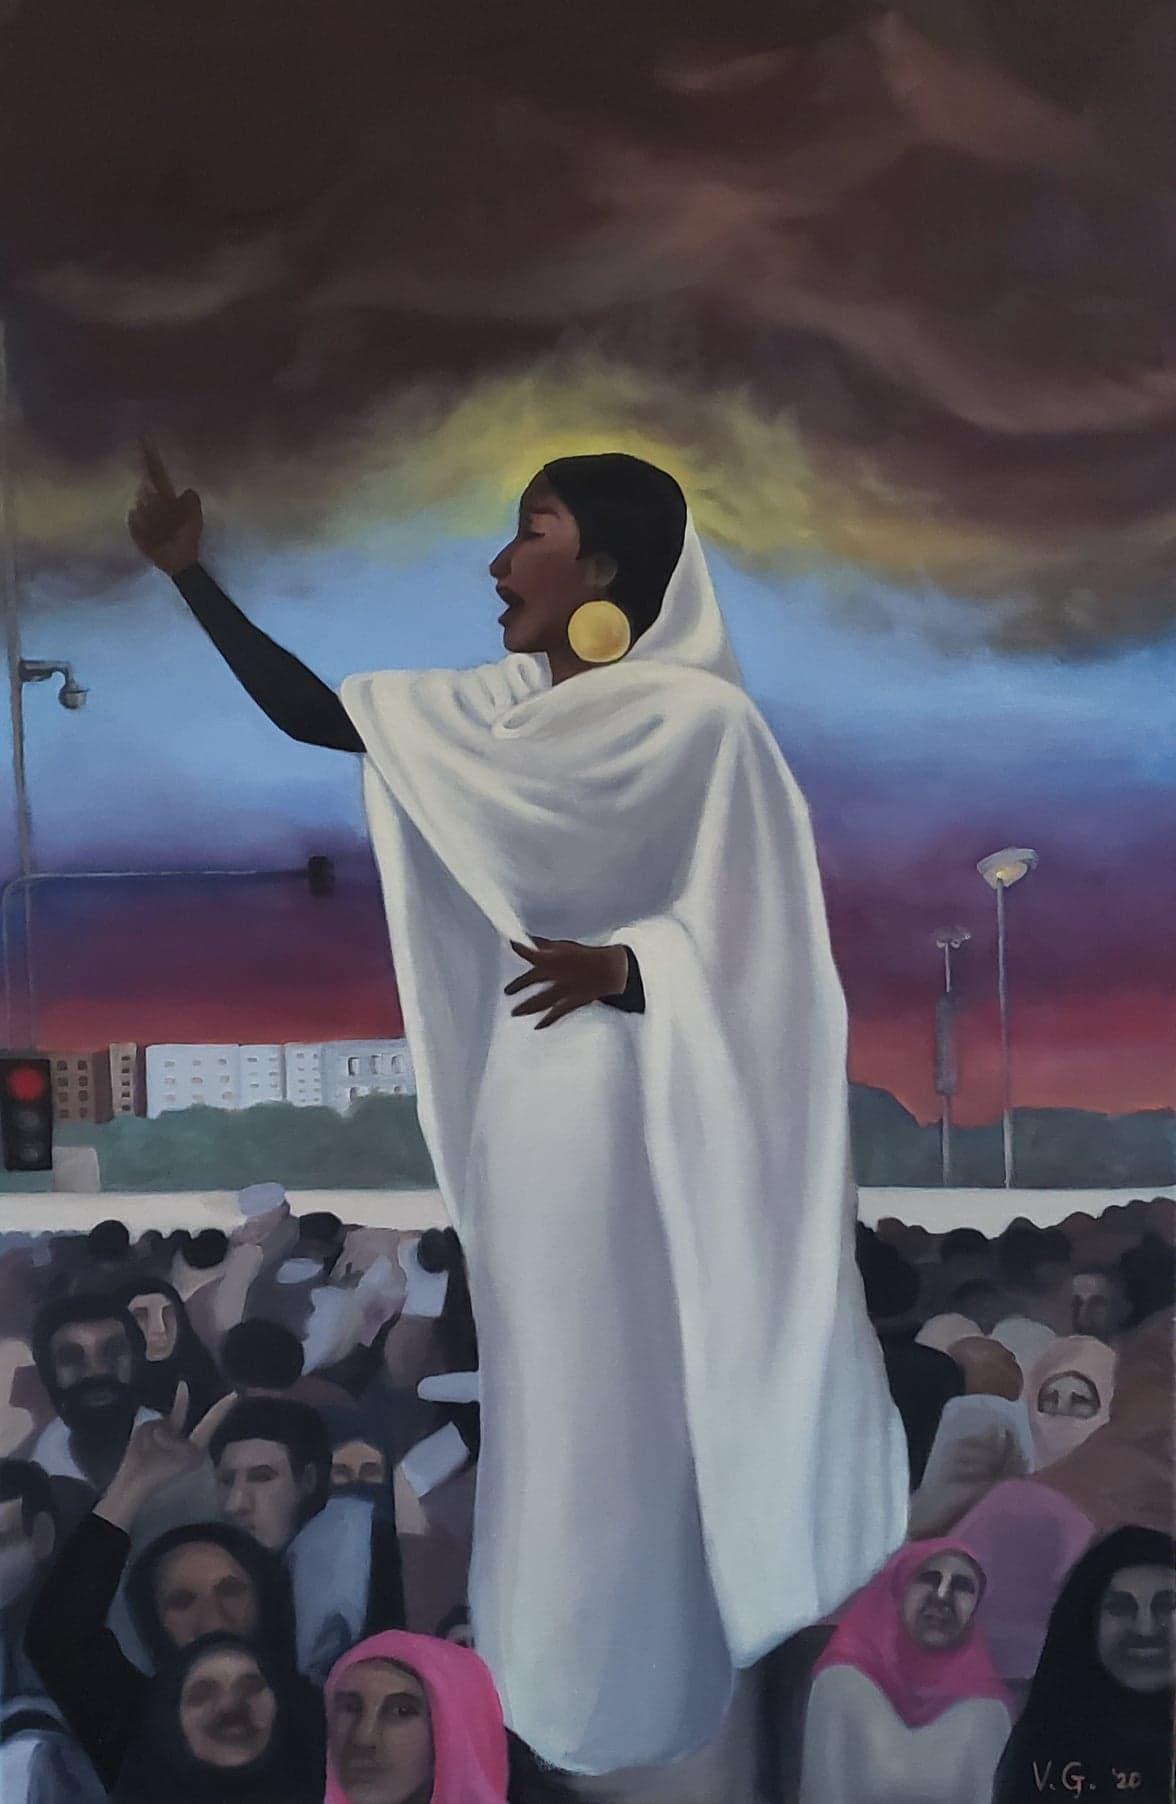 Bringer of Change (The Sudanese Revolution)